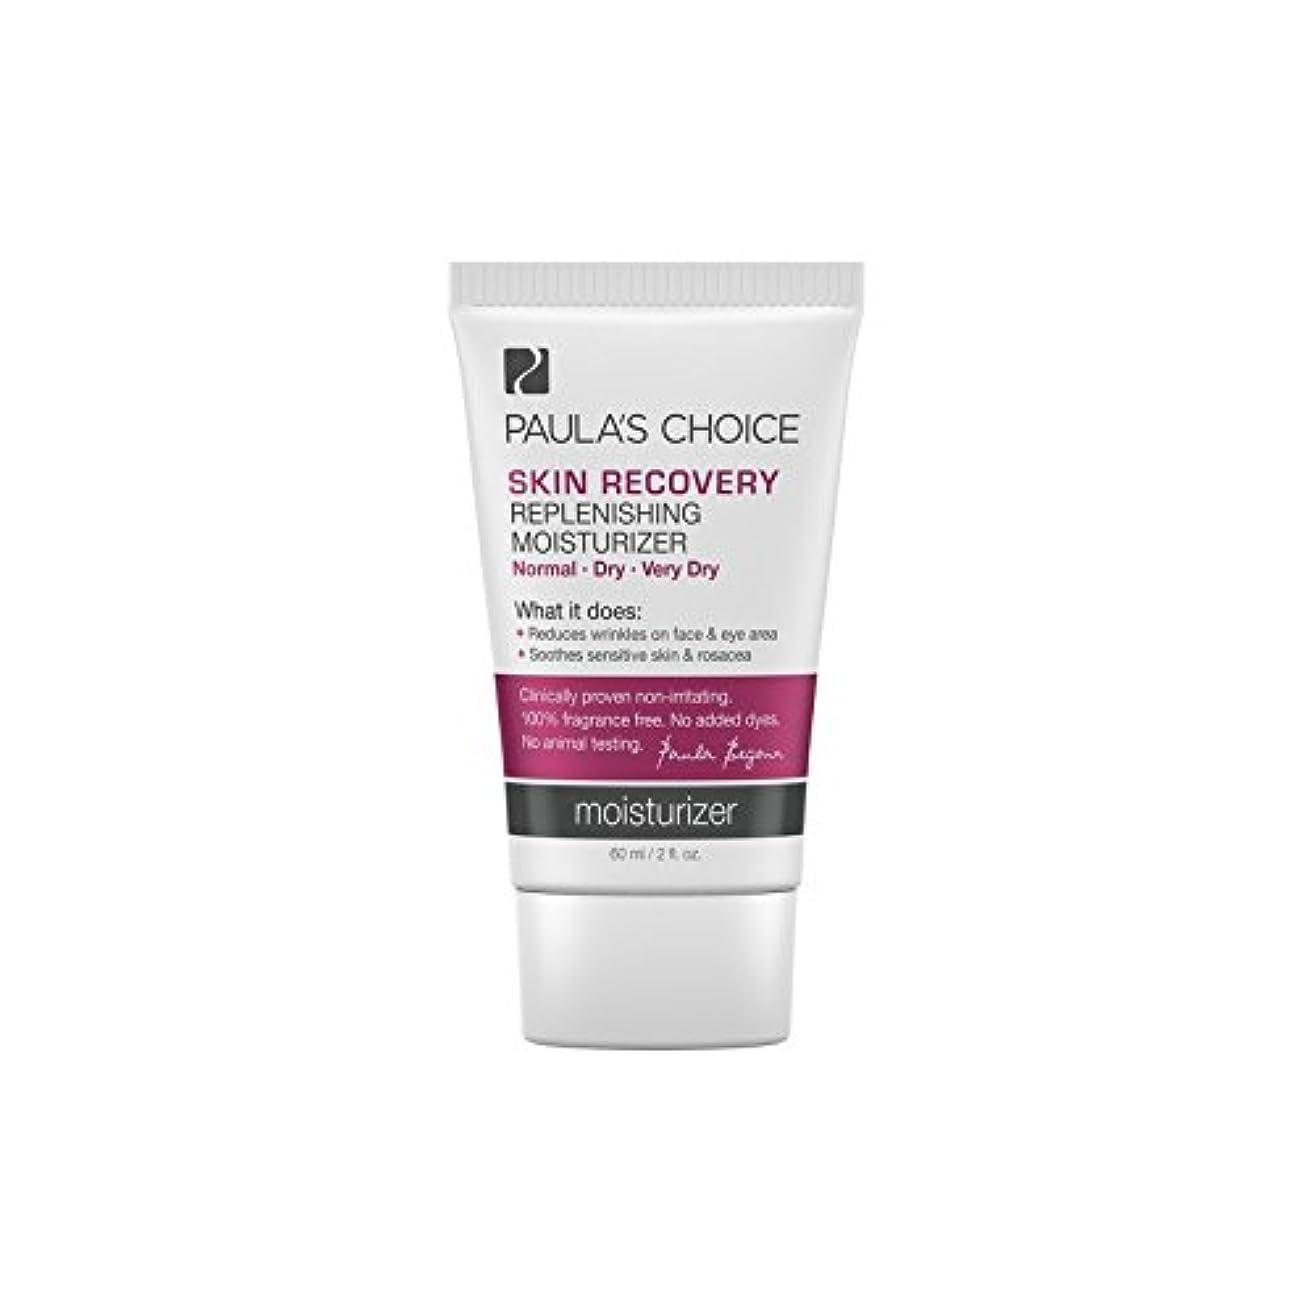 ウナギ藤色推定するPaula's Choice Skin Recovery Replenishing Moisturizer (60ml) - ポーラチョイスの肌の回復補充保湿(60ミリリットル) [並行輸入品]